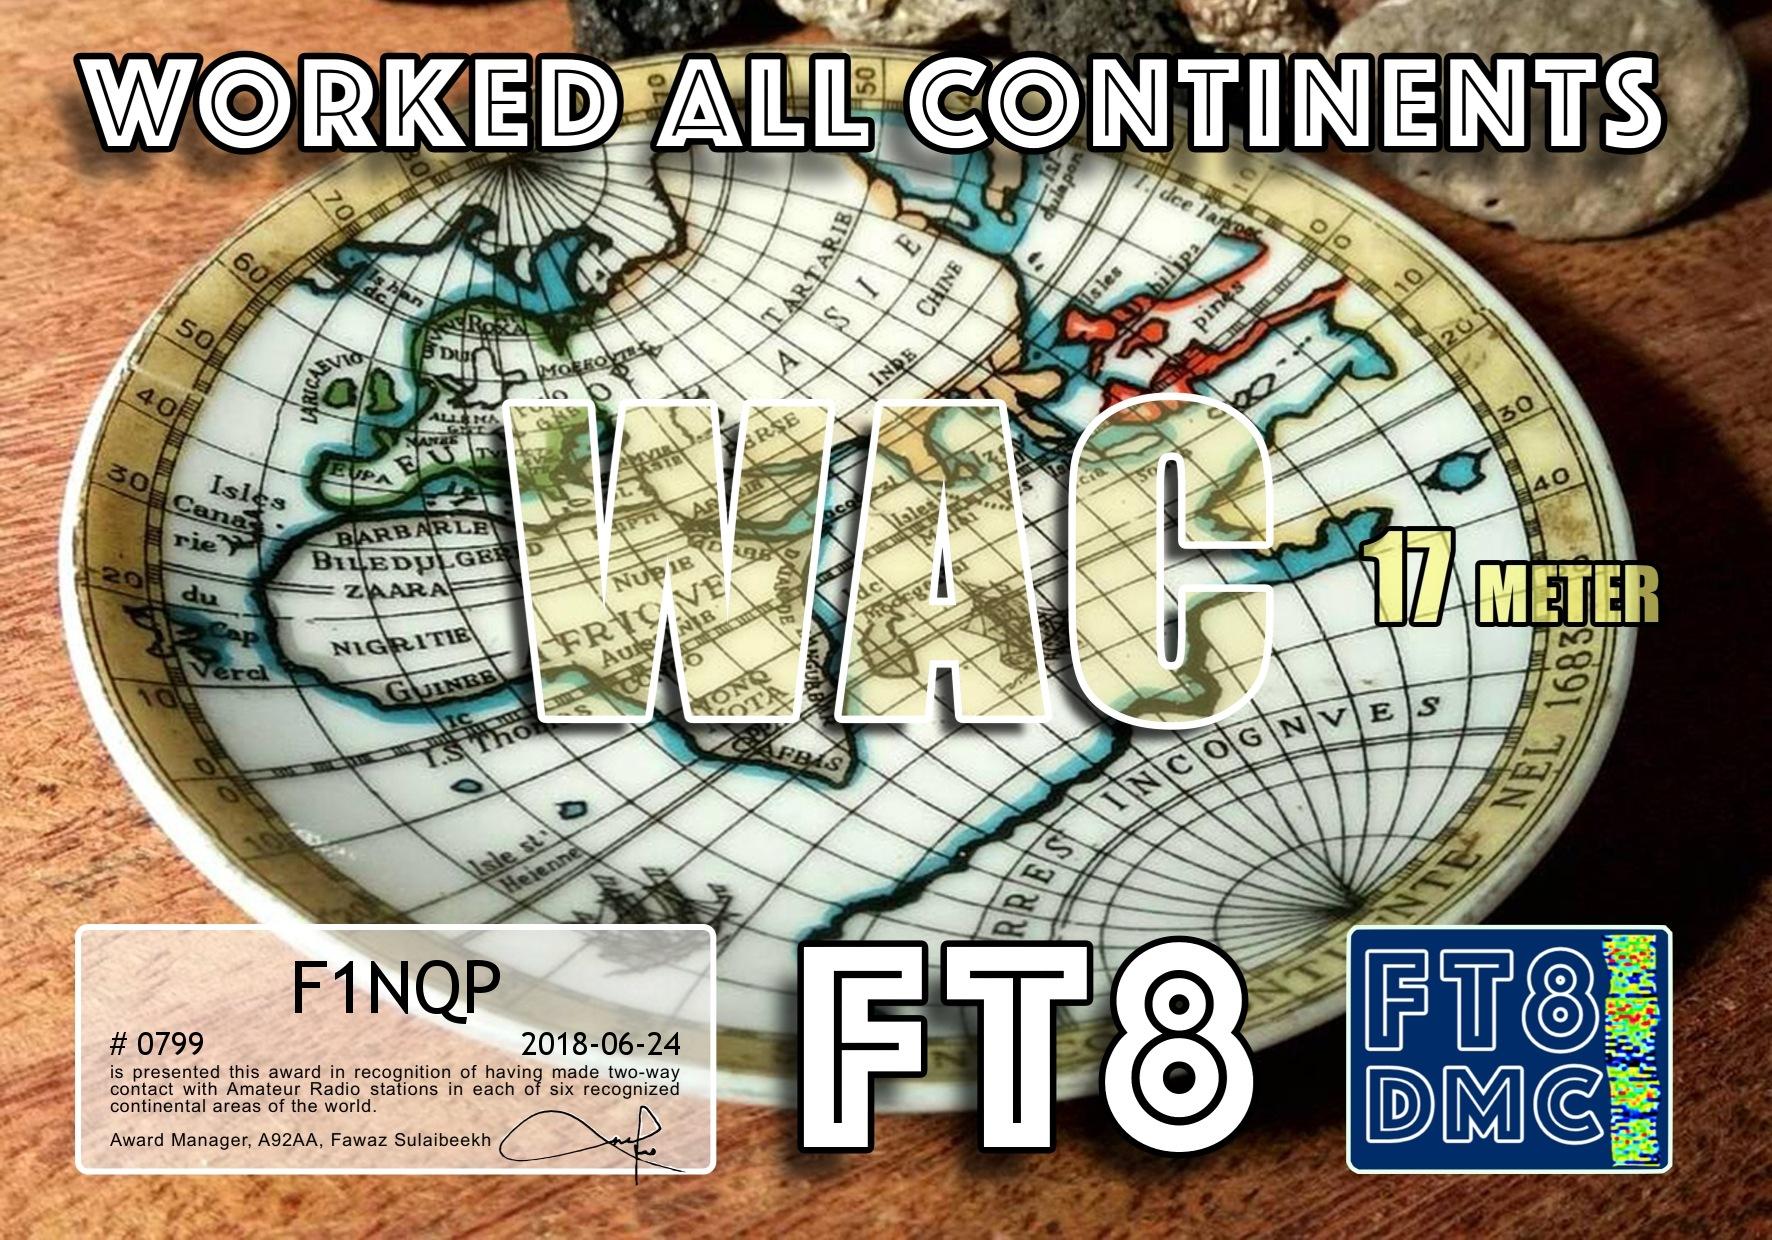 F1NQP-WAC-17M.jpg